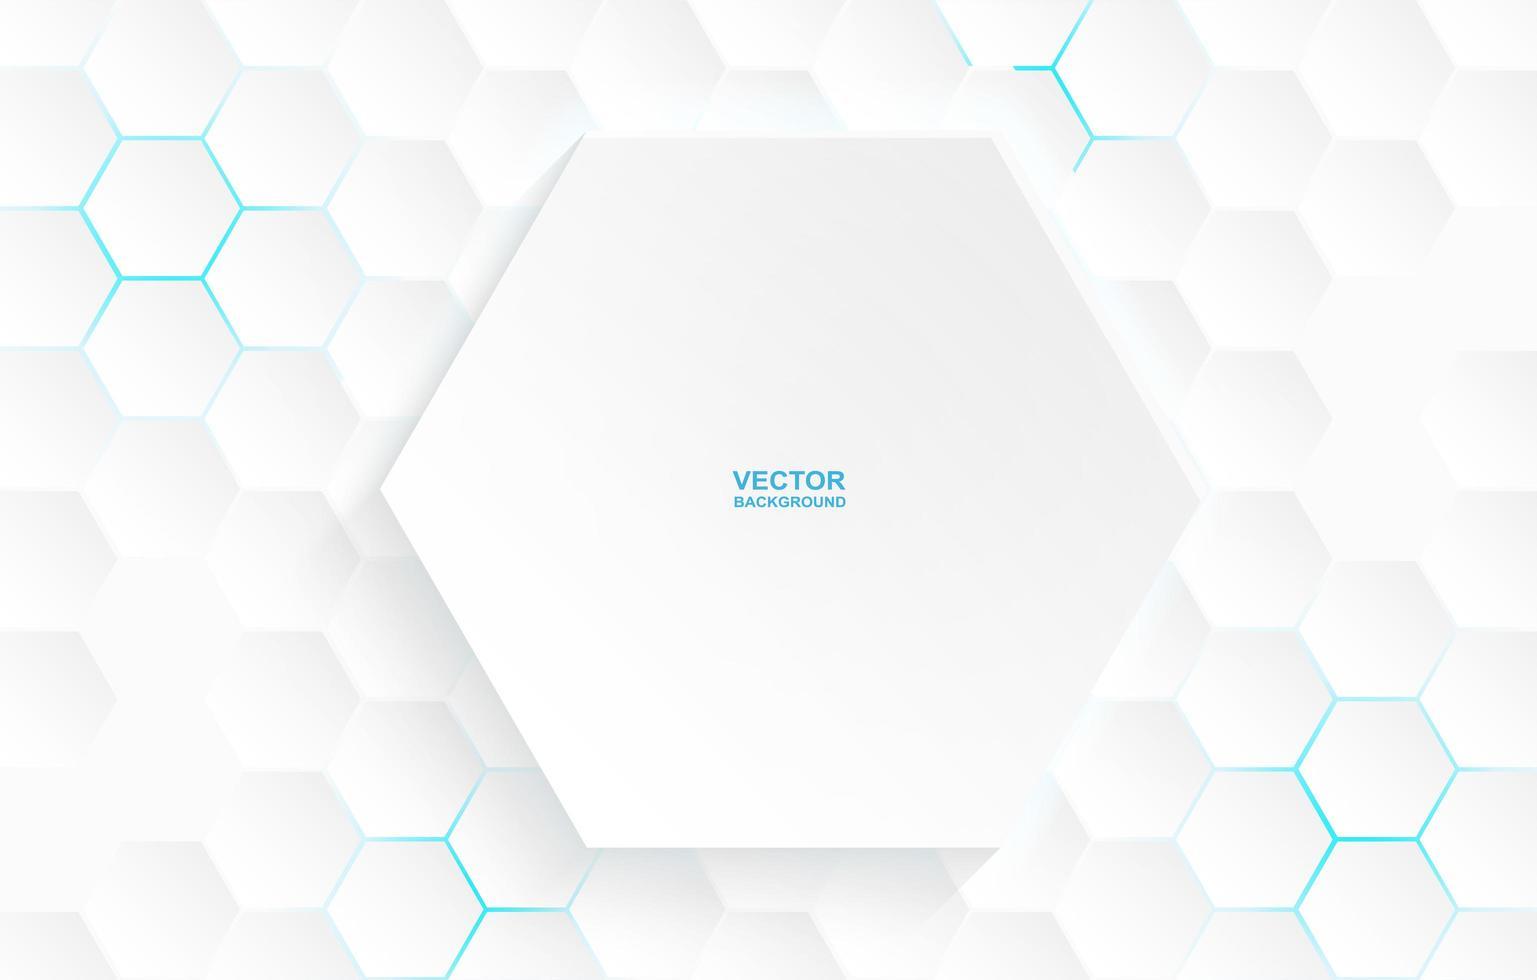 stor vit hexagon på små sexhörningsmönster vektor